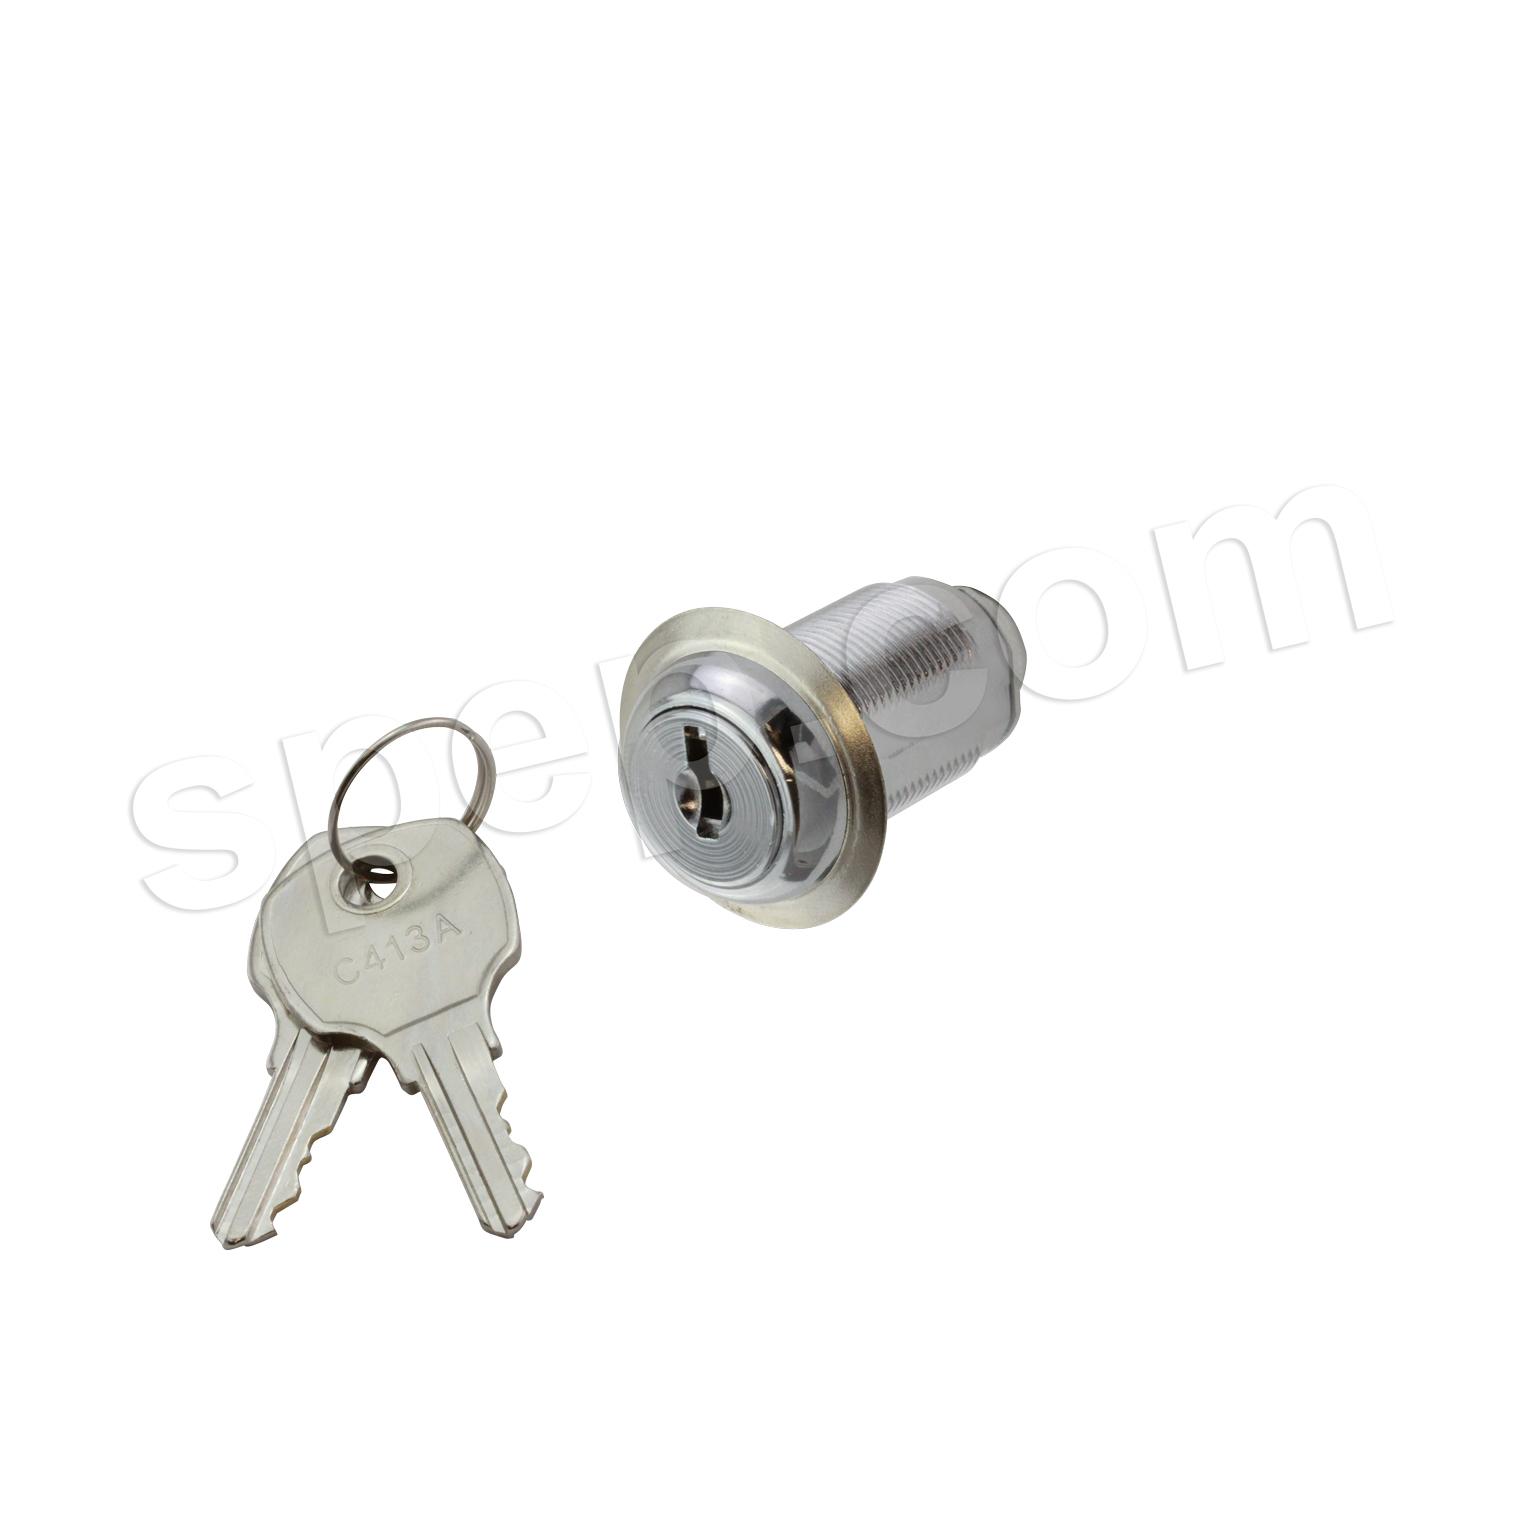 Standard Die Cast Cam Lock